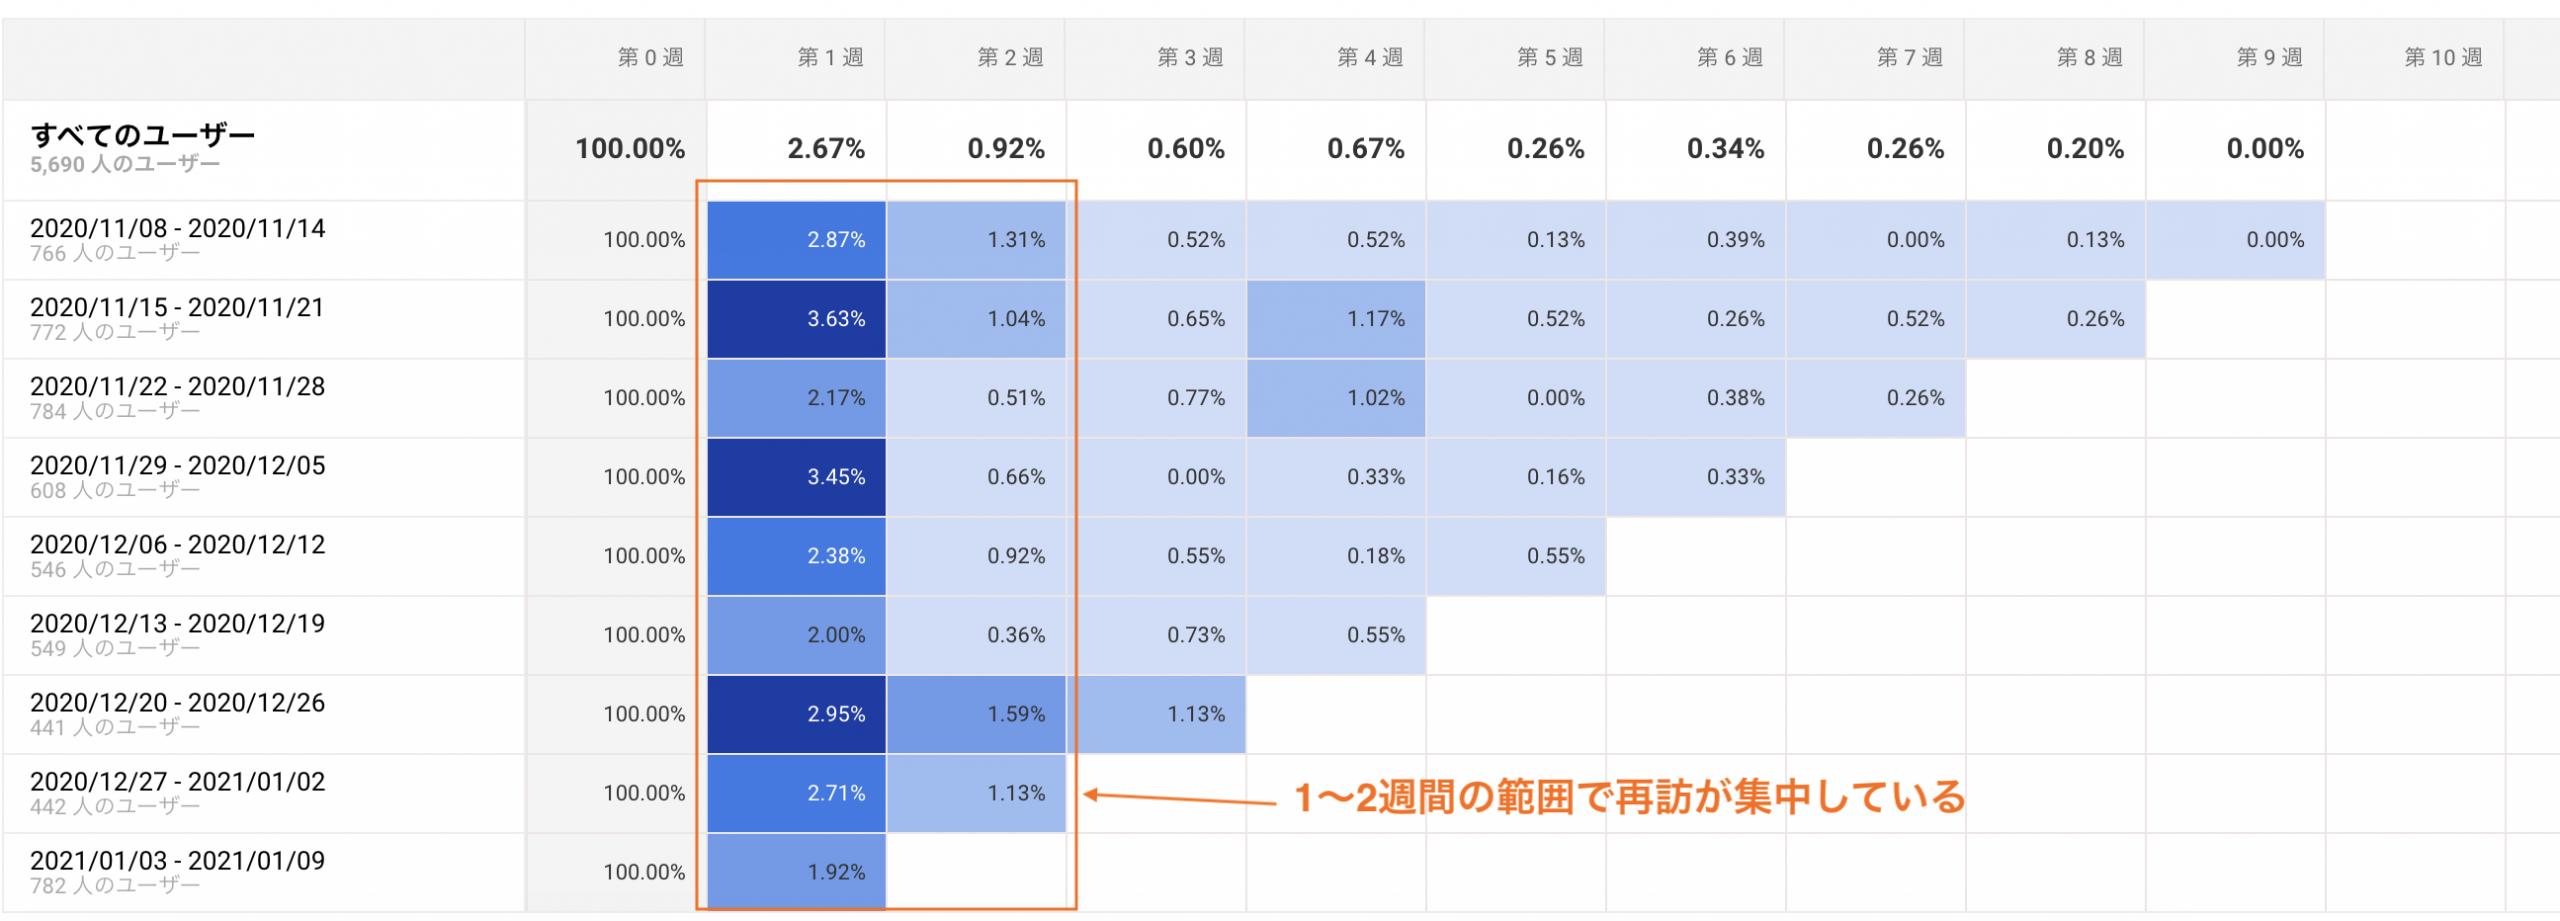 グーグルアナリティクスのコホート分析画面